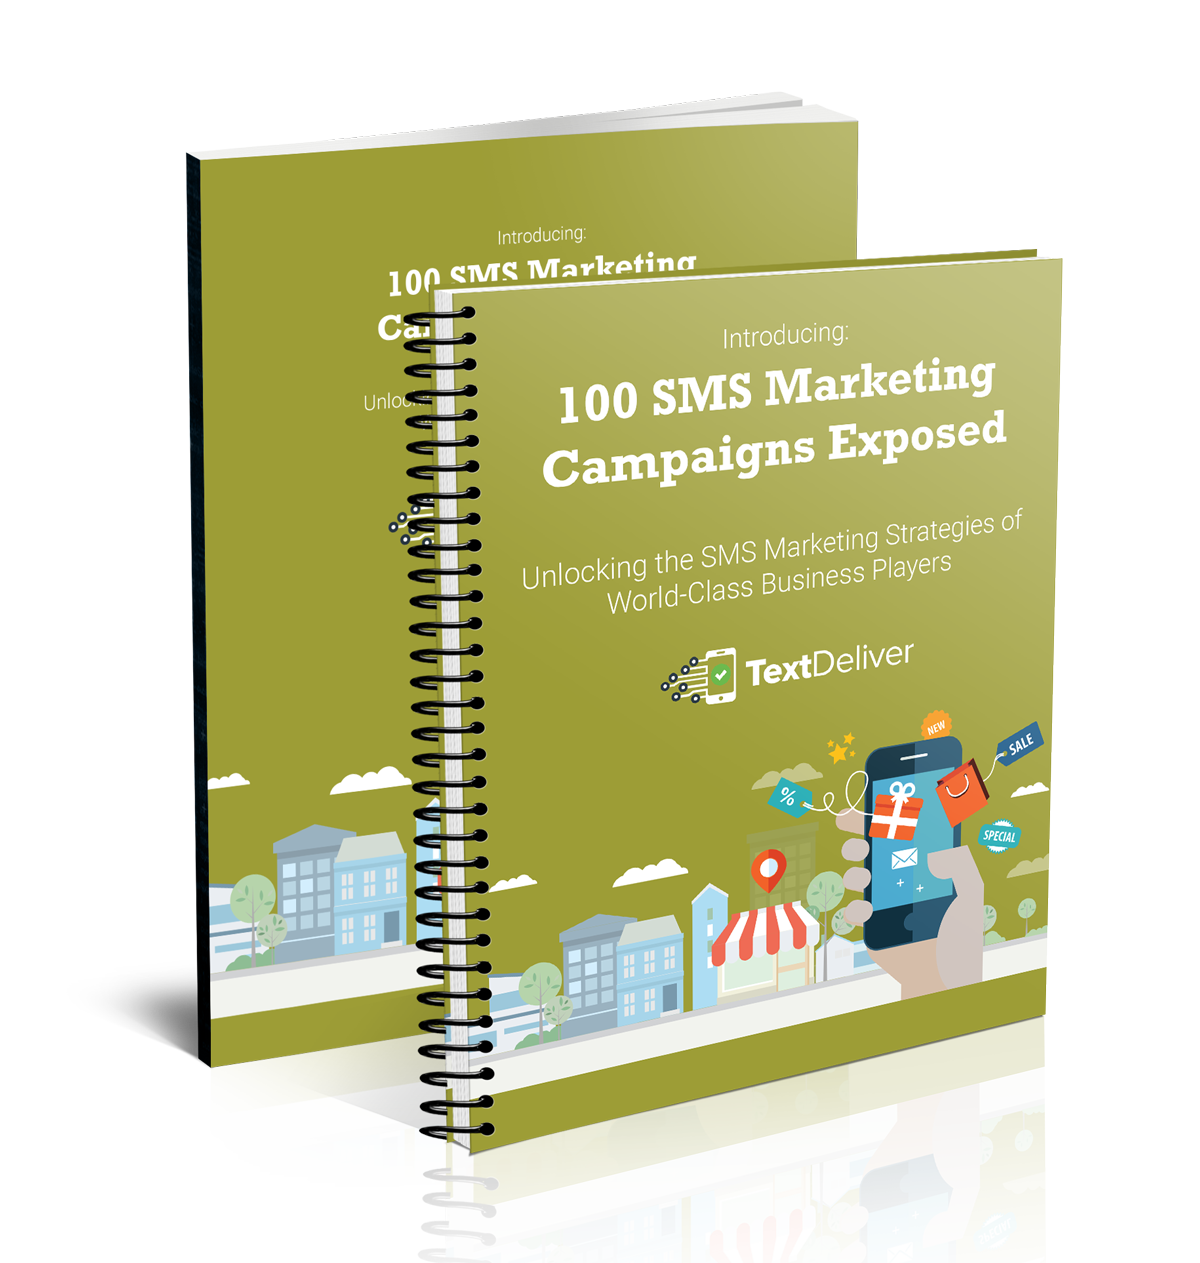 Bonus #1: 100 SMS Marketing Campaigns Exposed